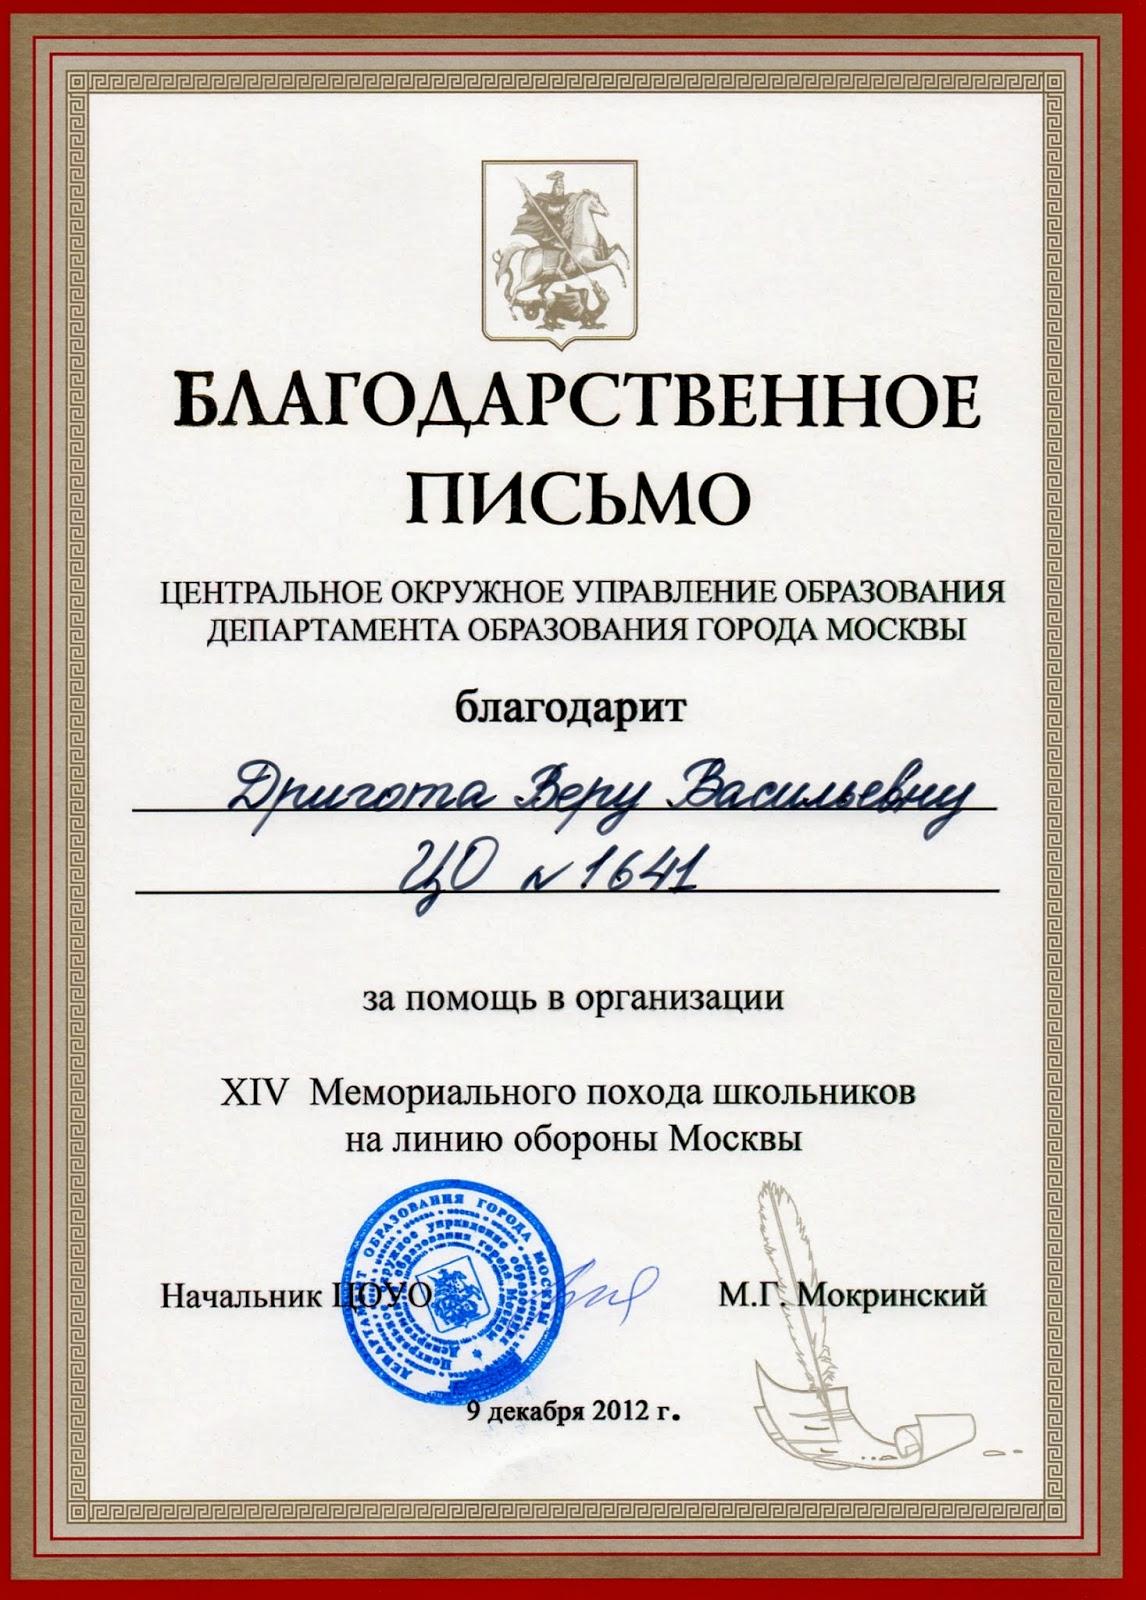 Портфолио Дригота Веры Васильевны Грамоты дипломы  Грамоты дипломы благодарственные письма за 2012 год